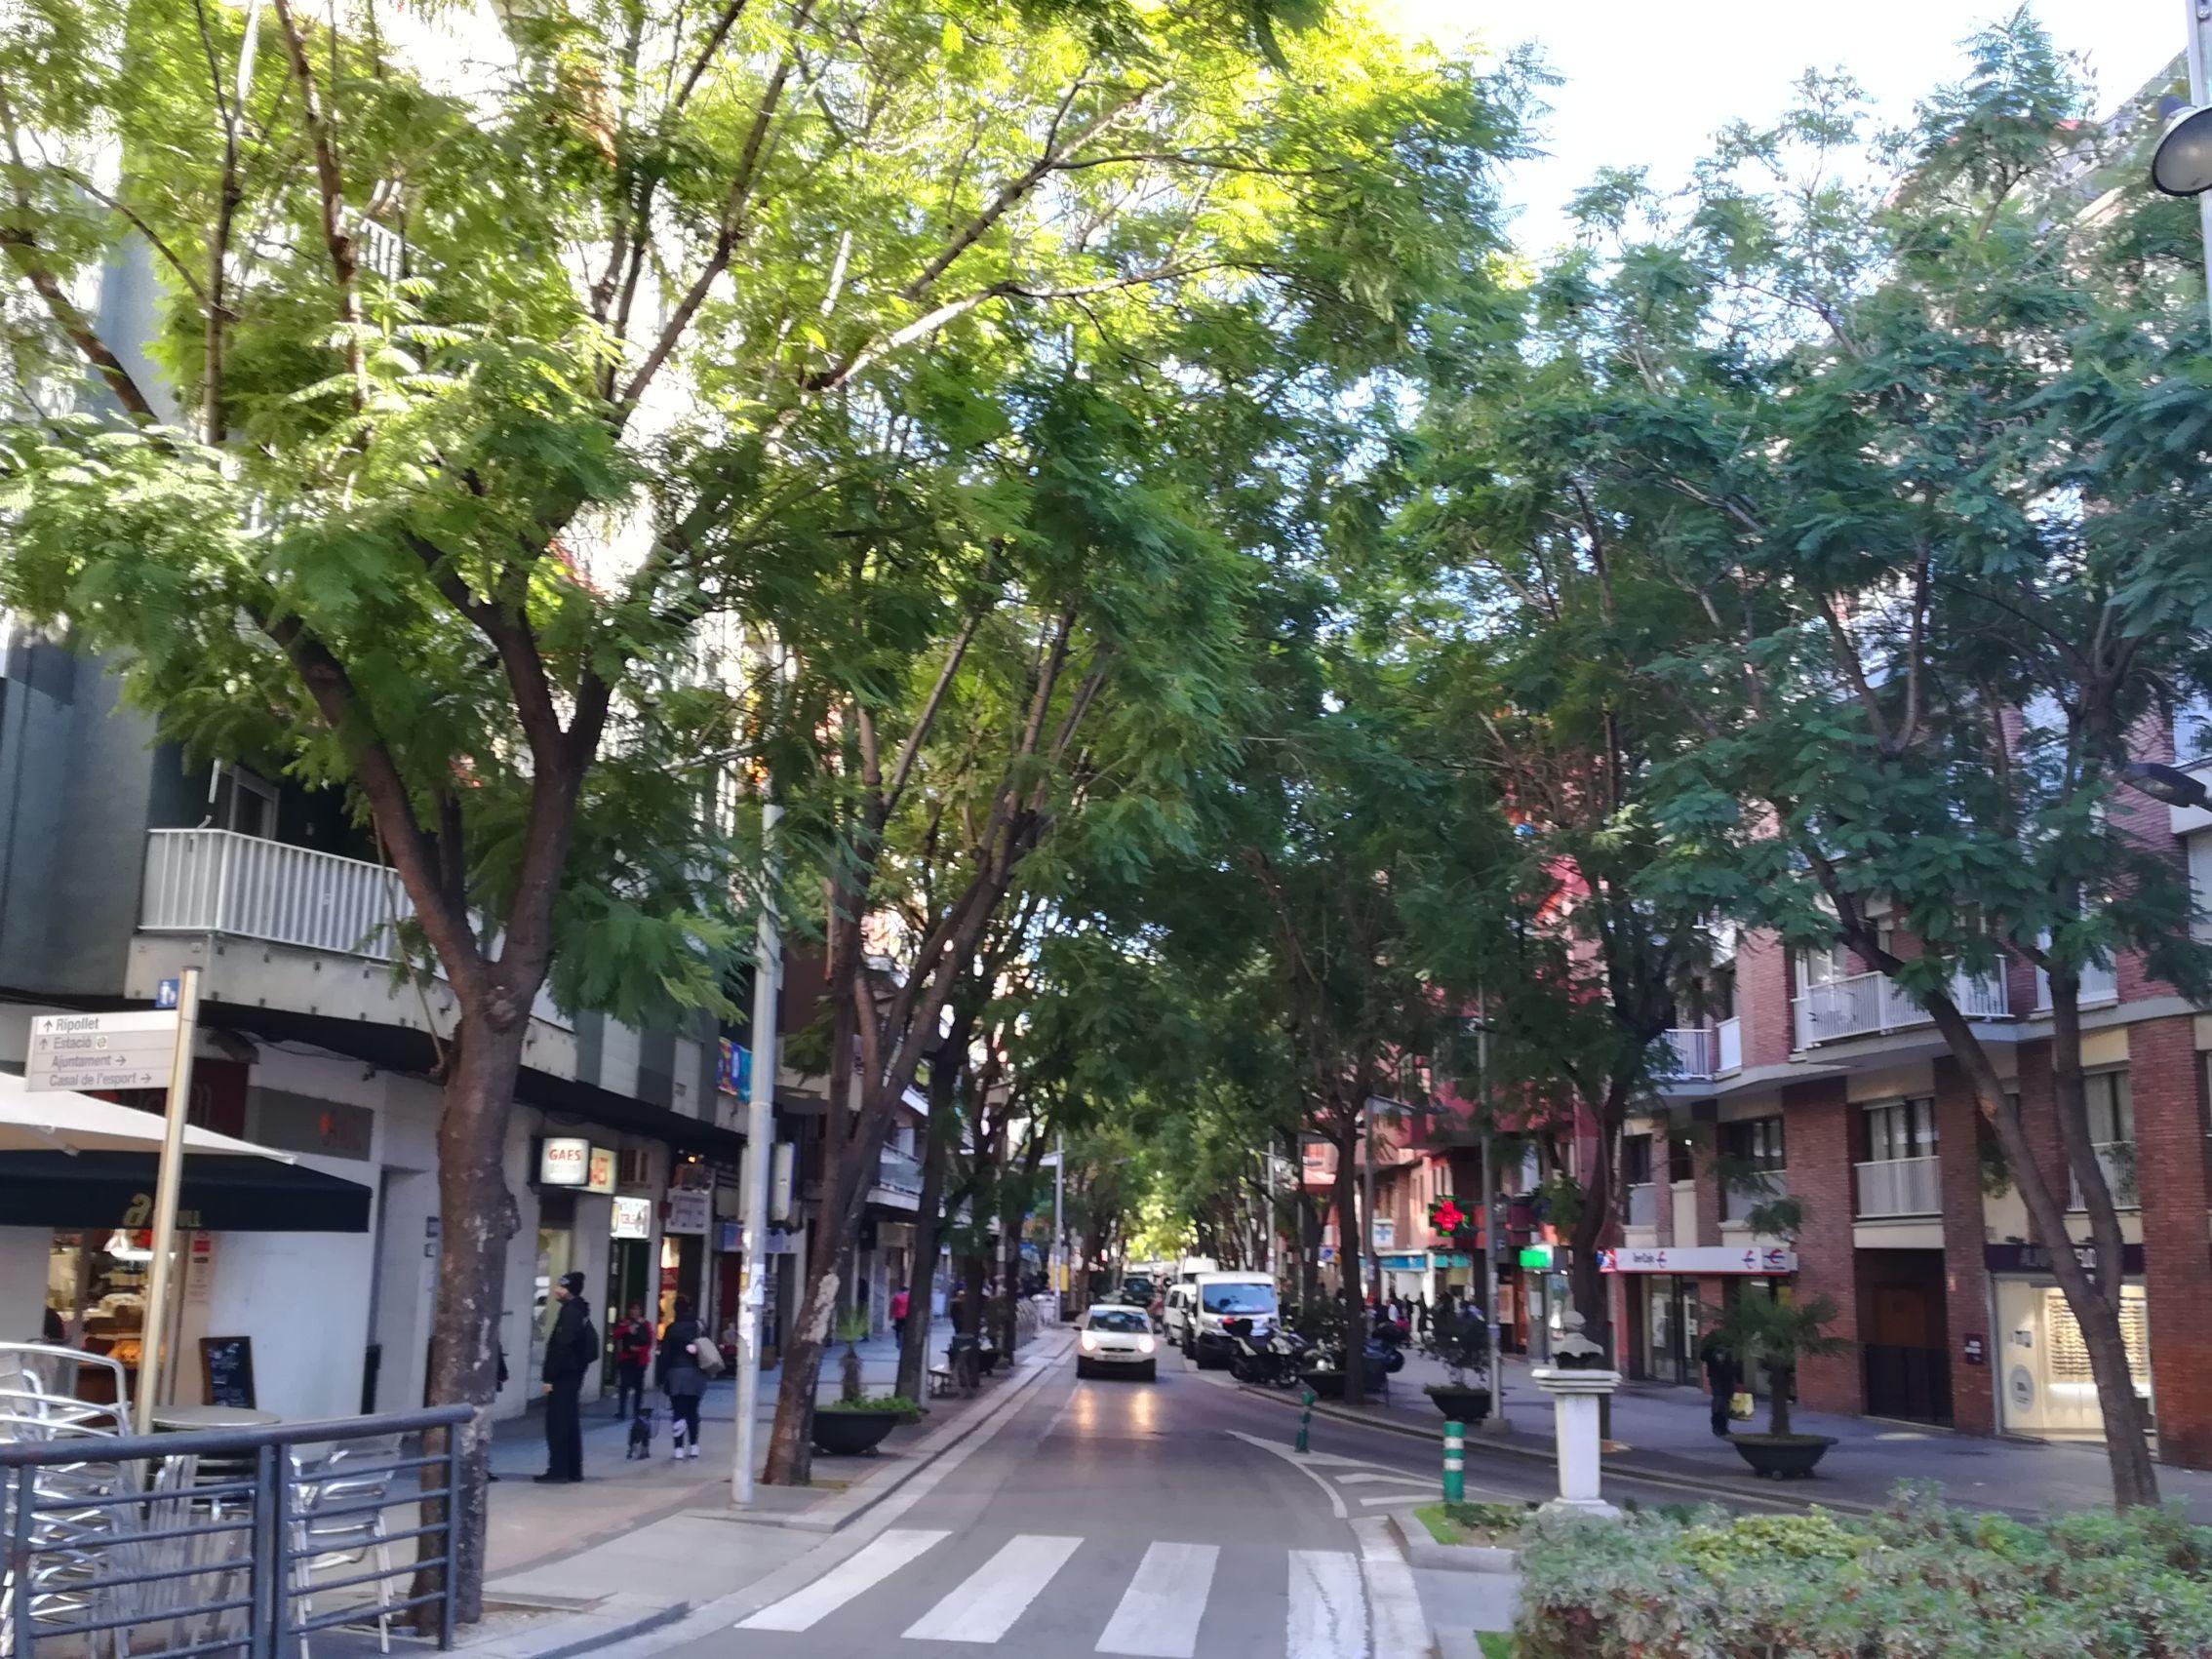 Xicrandes de l'Avinguda de Catalunya